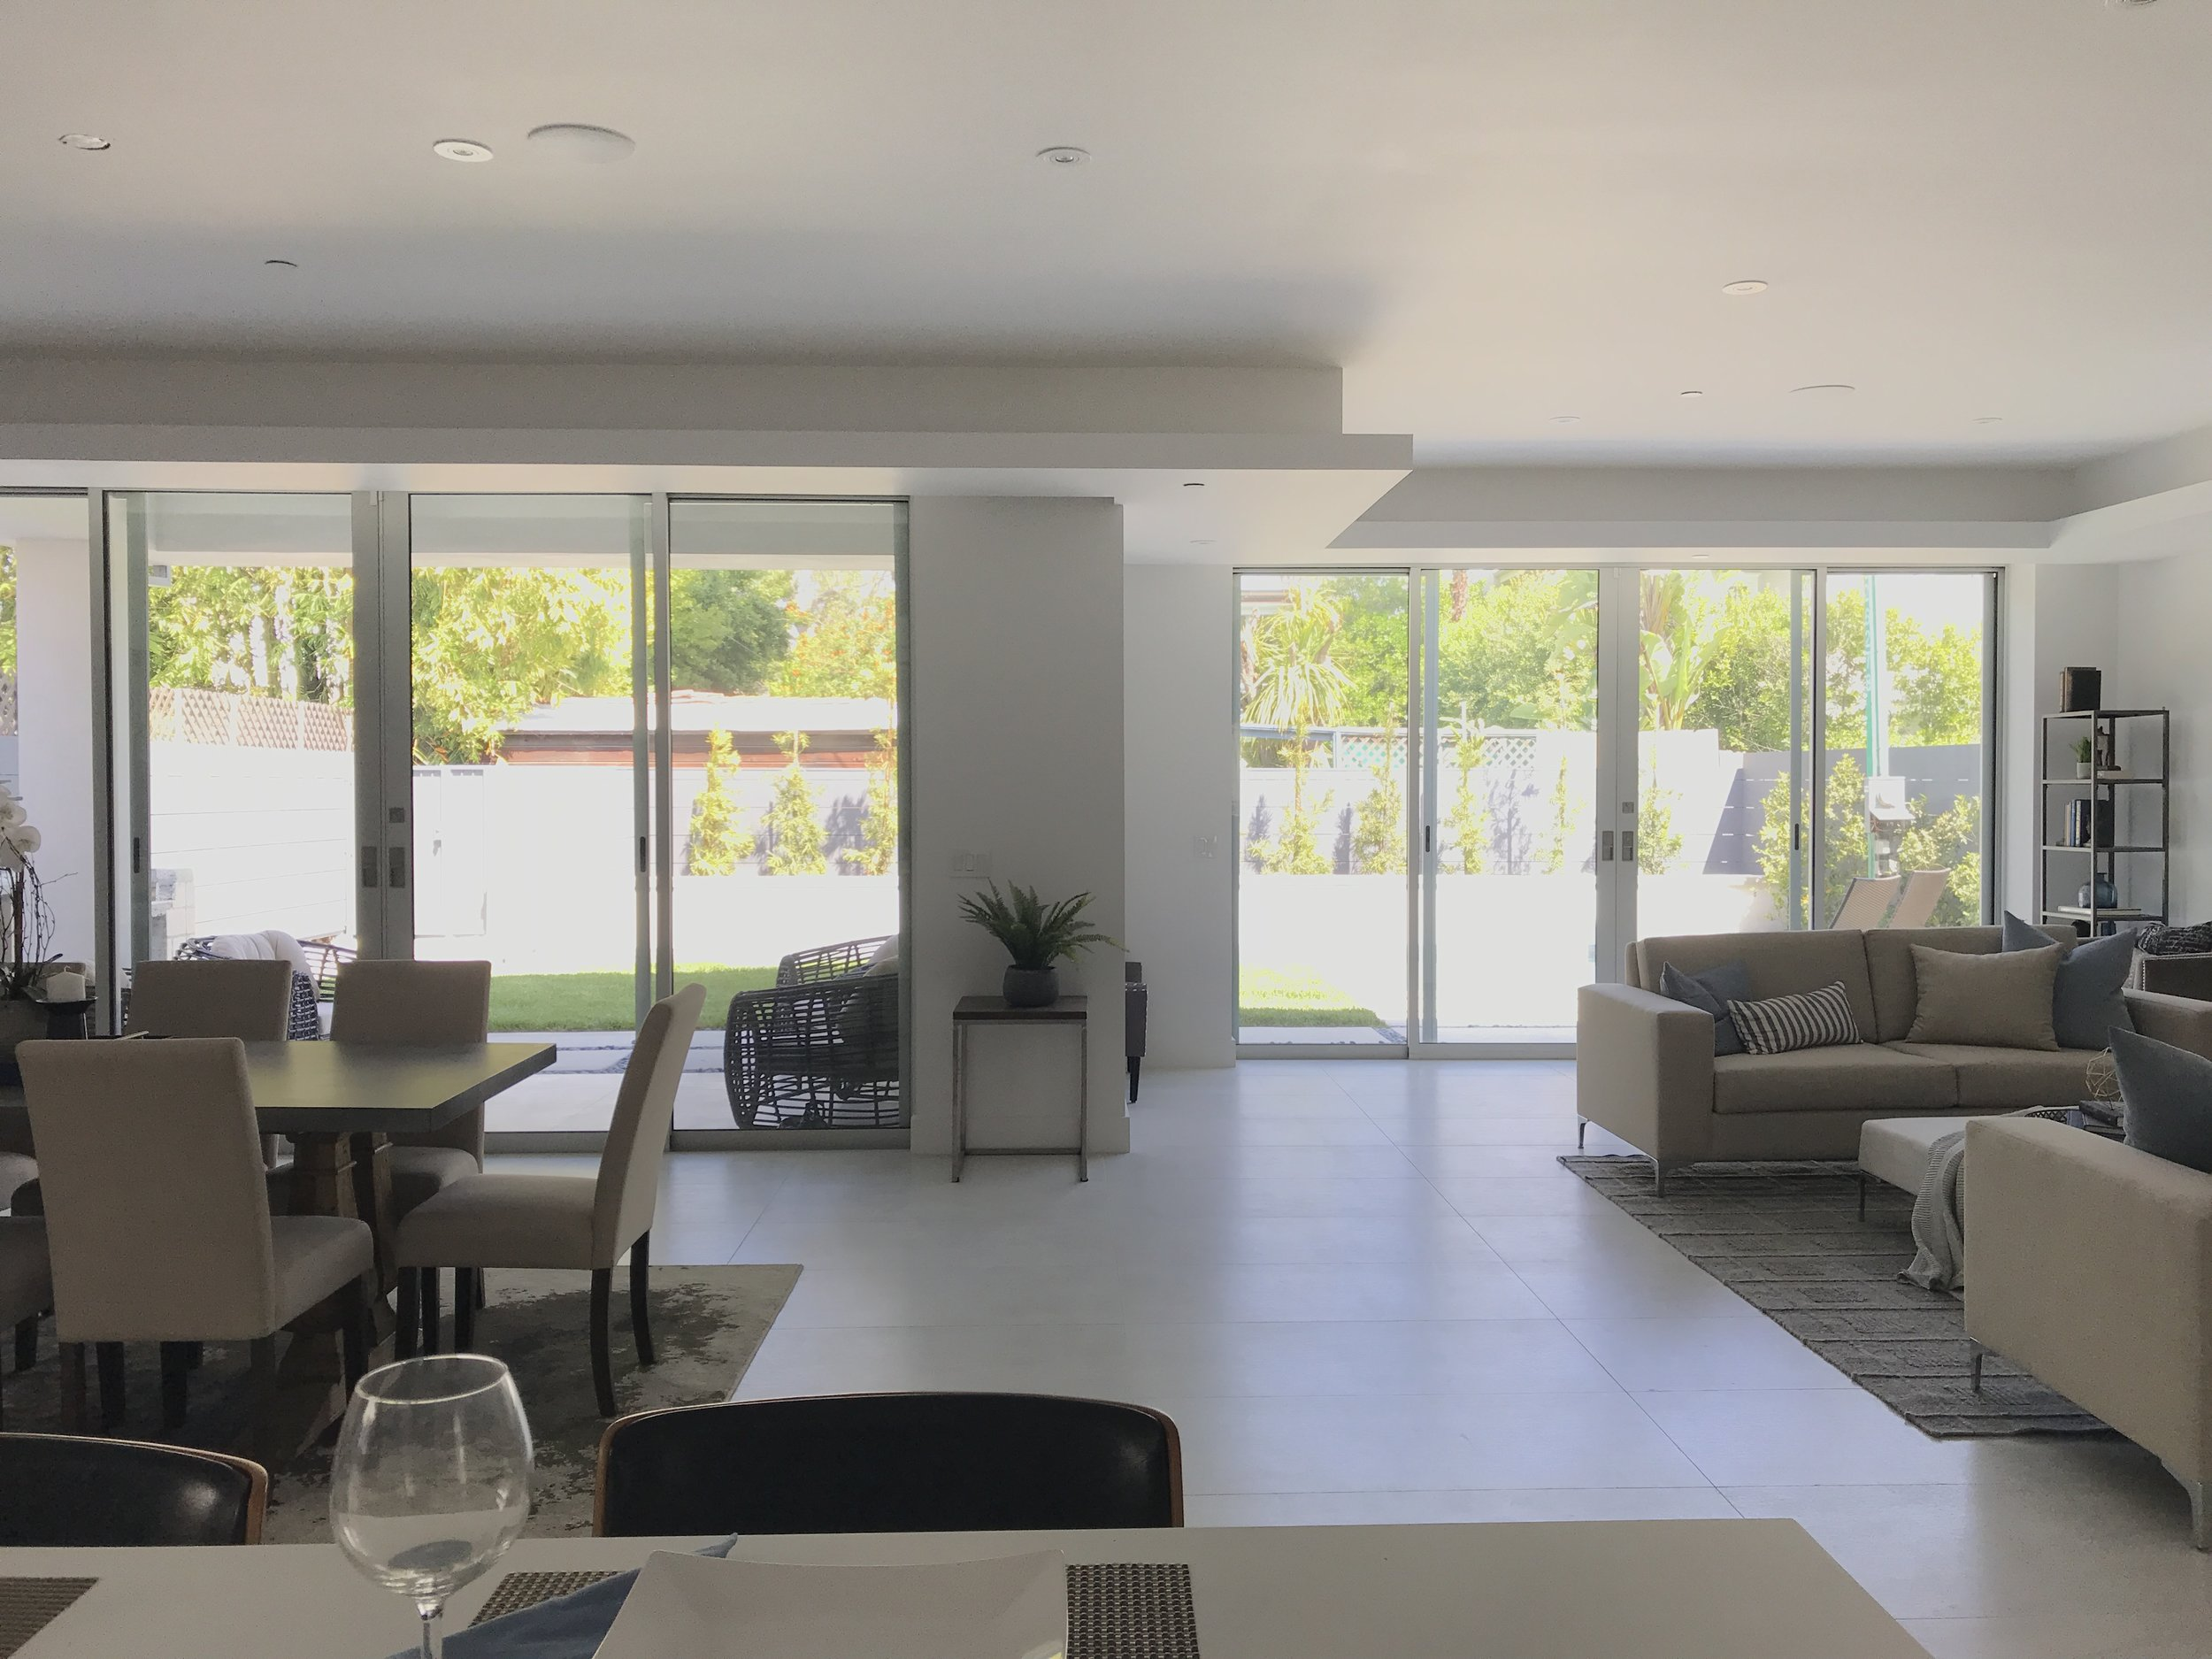 15 - Living Room4.JPG